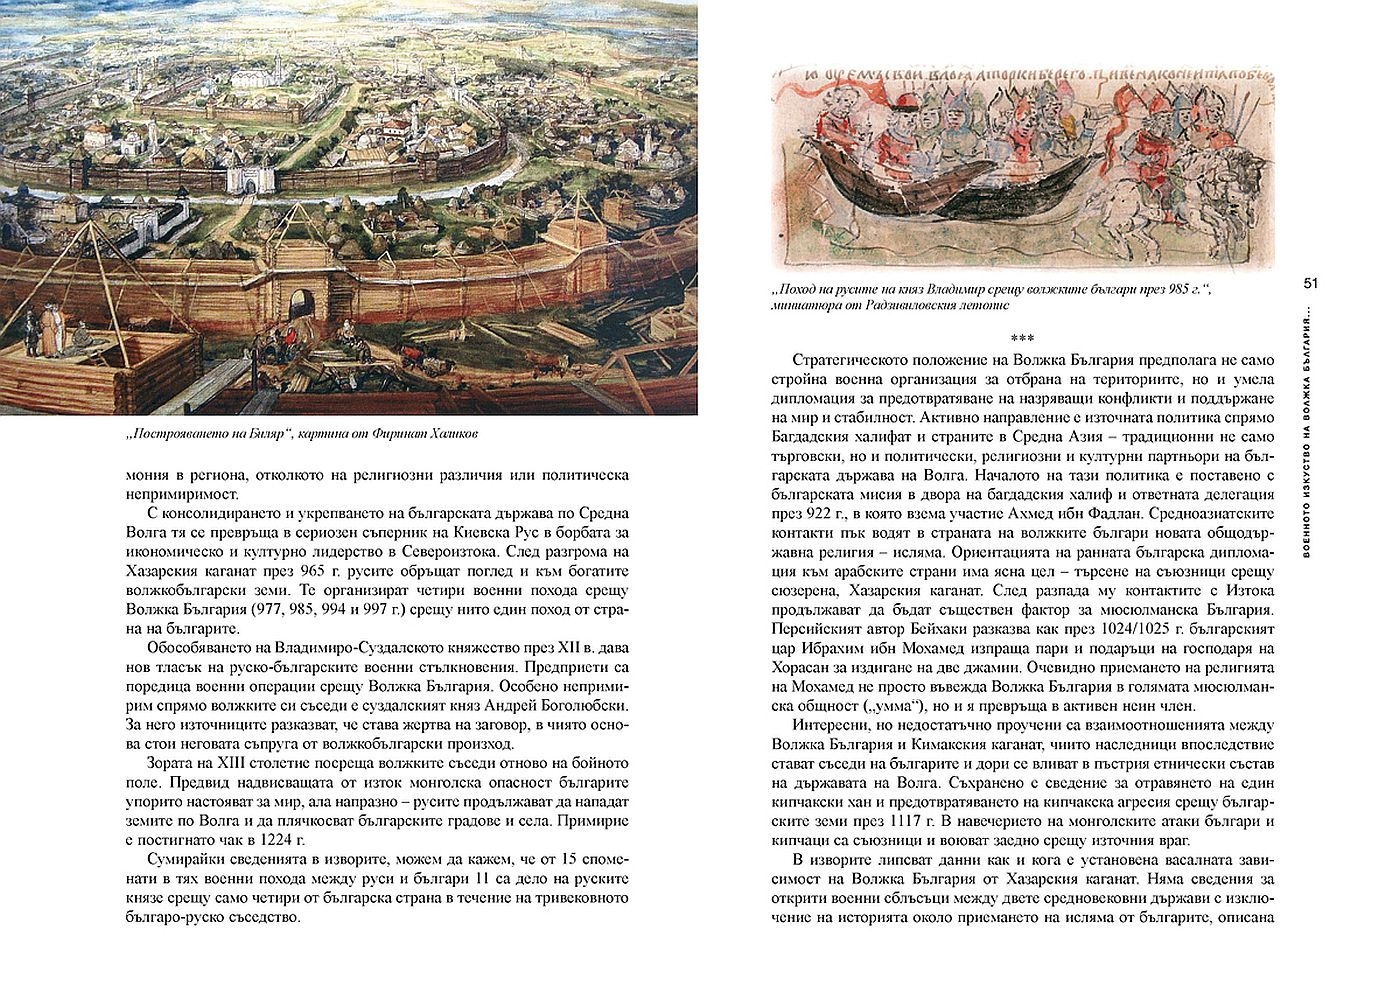 Великата България на Волга през средните векове - 6